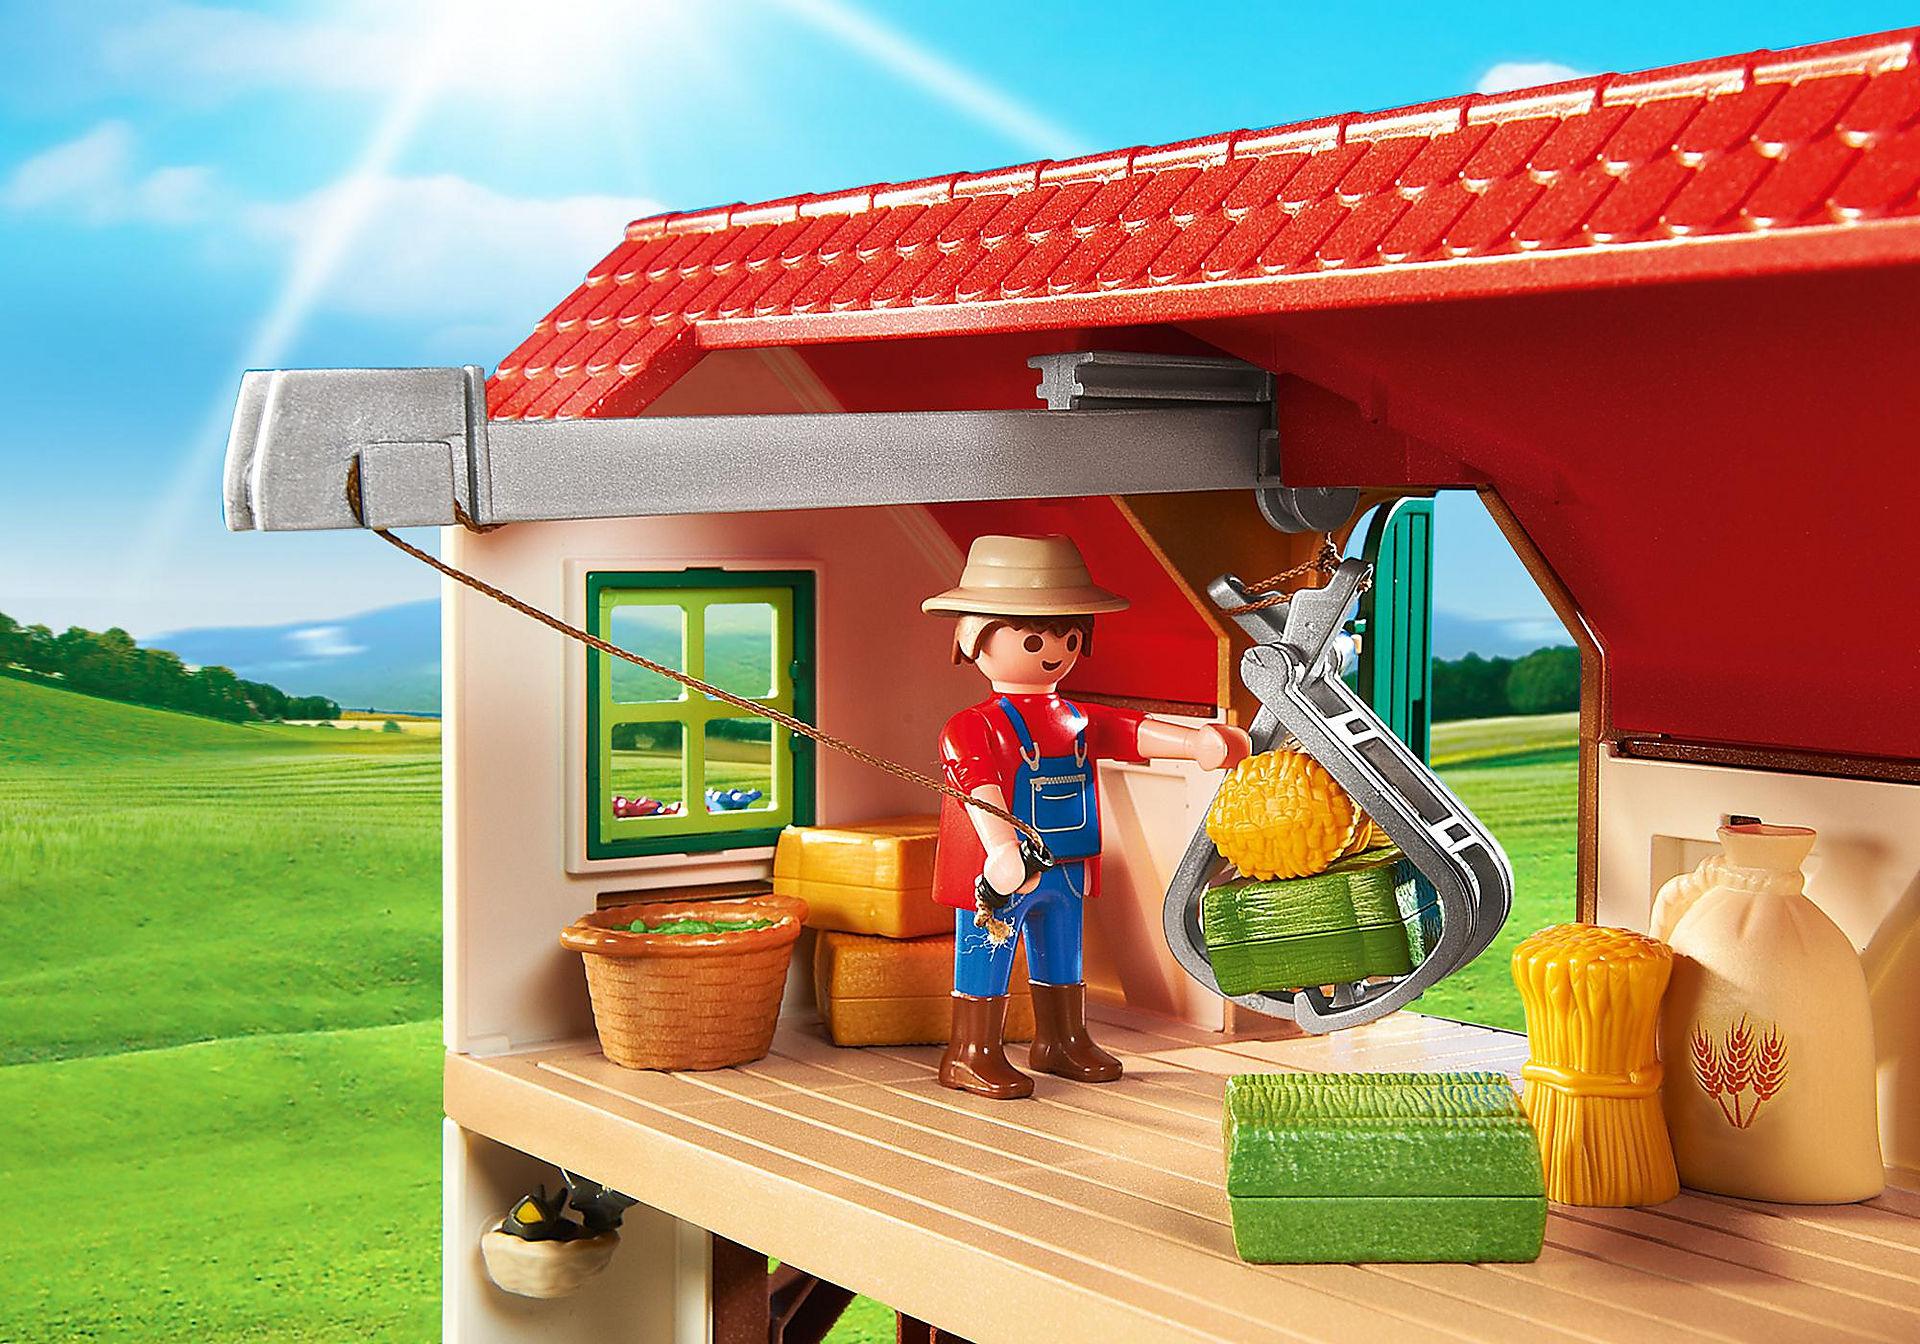 http://media.playmobil.com/i/playmobil/6120_product_extra3/Grande ferme